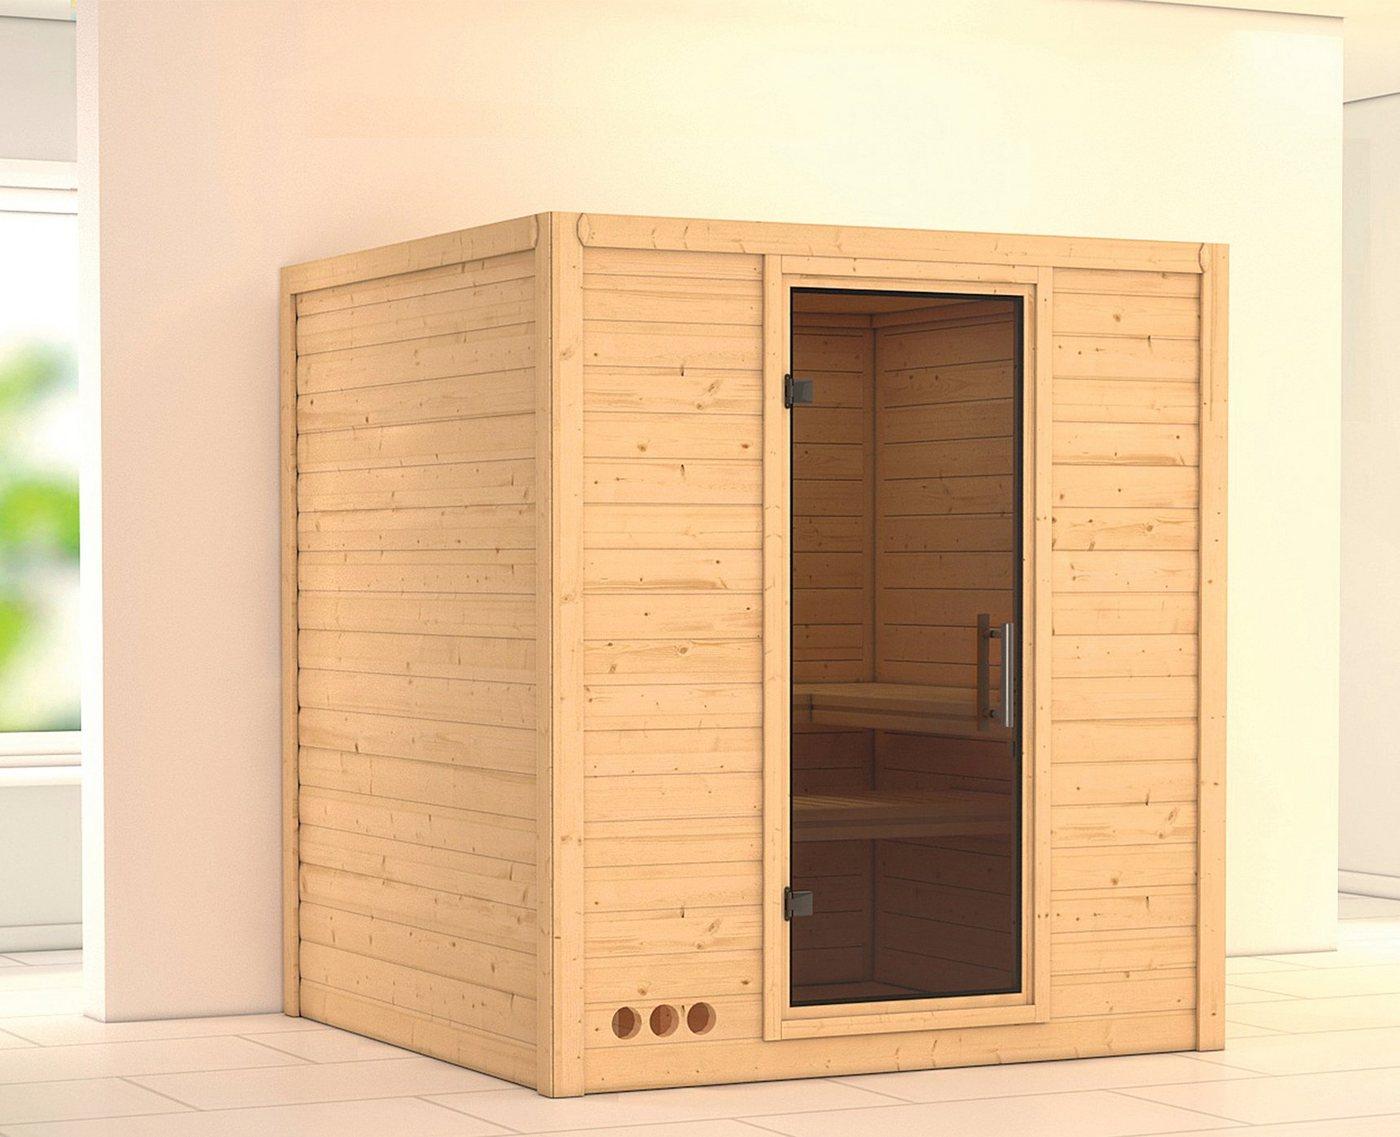 KARIBU Sauna »Mojave«, 193/184/209 cm, ohne Ofen, Glastür grafit